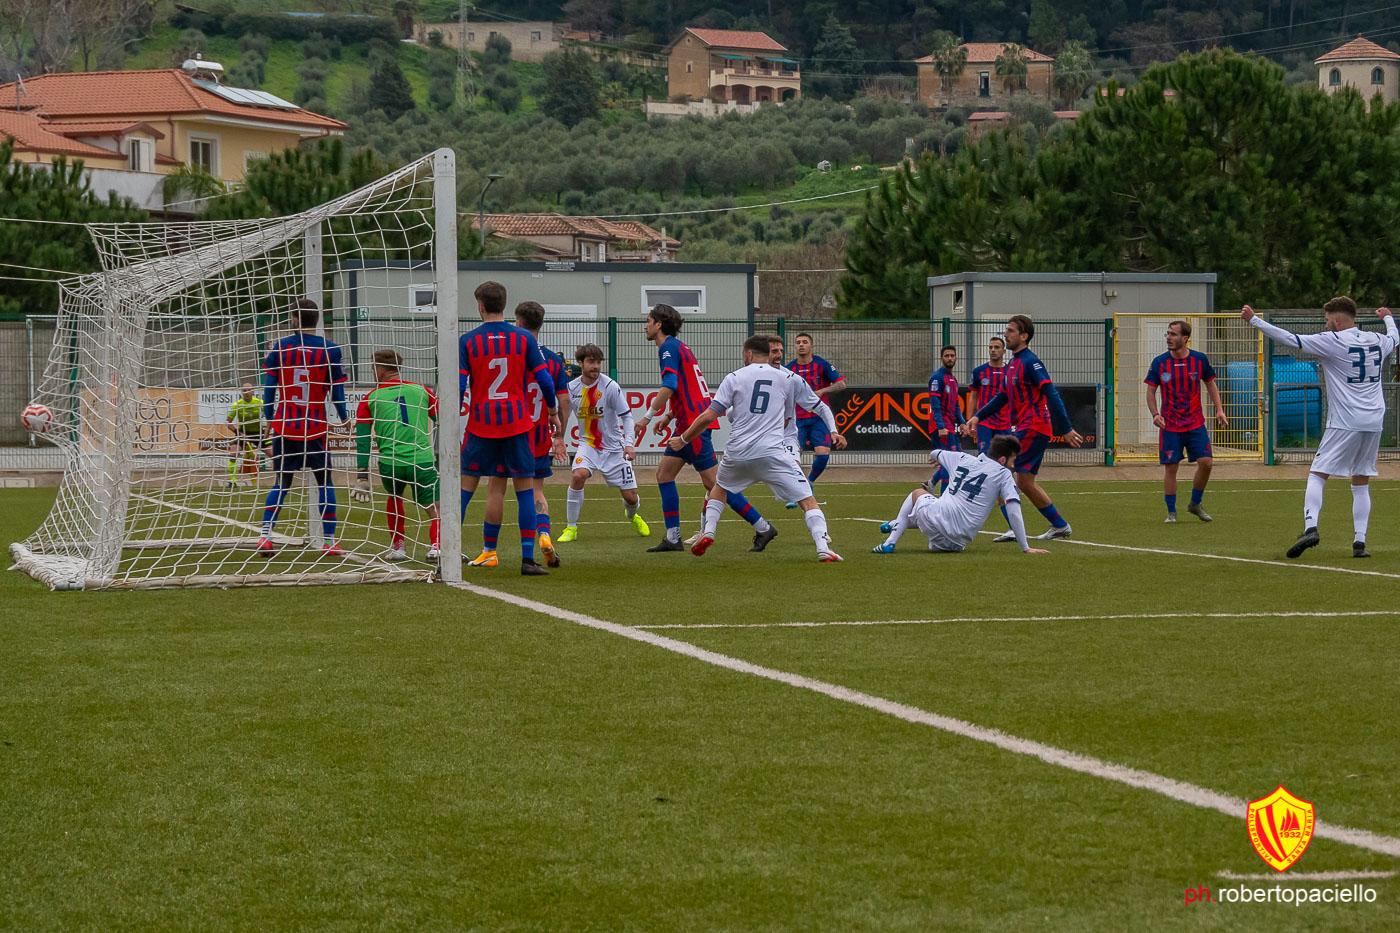 Polisportiva Santa Maria 1-2 Troina, la sintesi